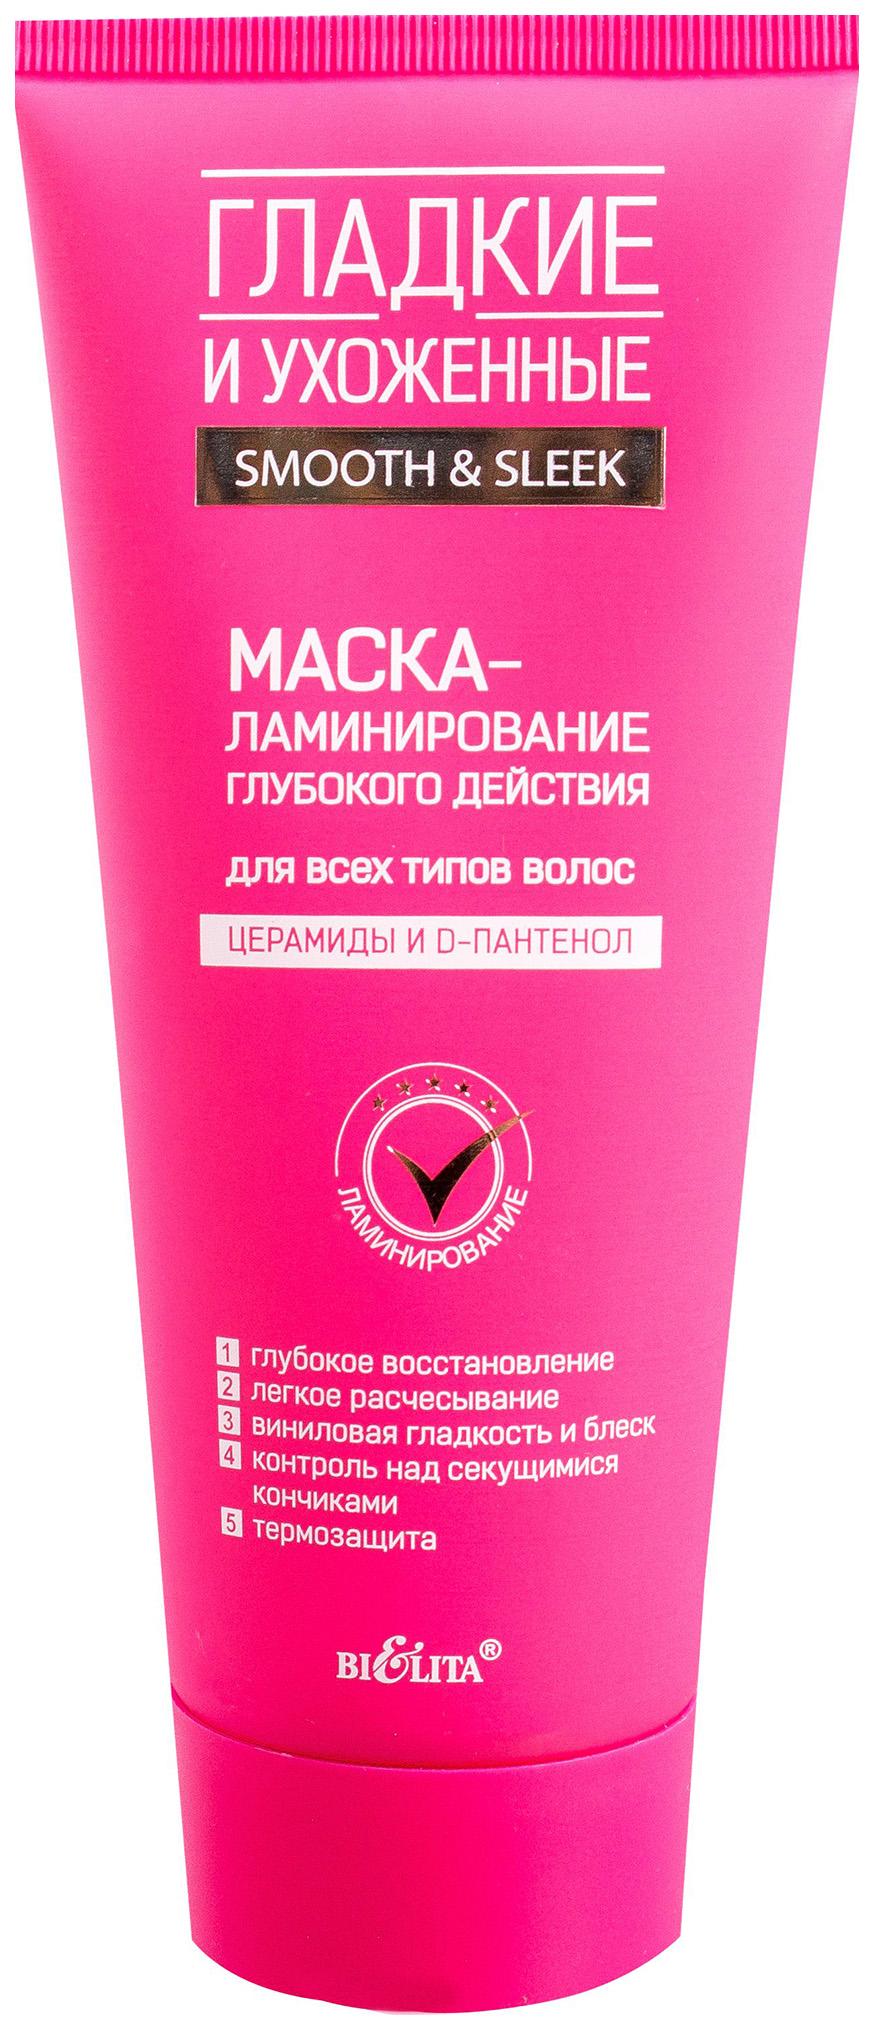 Купить Маска для волос Bielita Гладкие и Ухоженные глубокого действия 200 мл, Белита